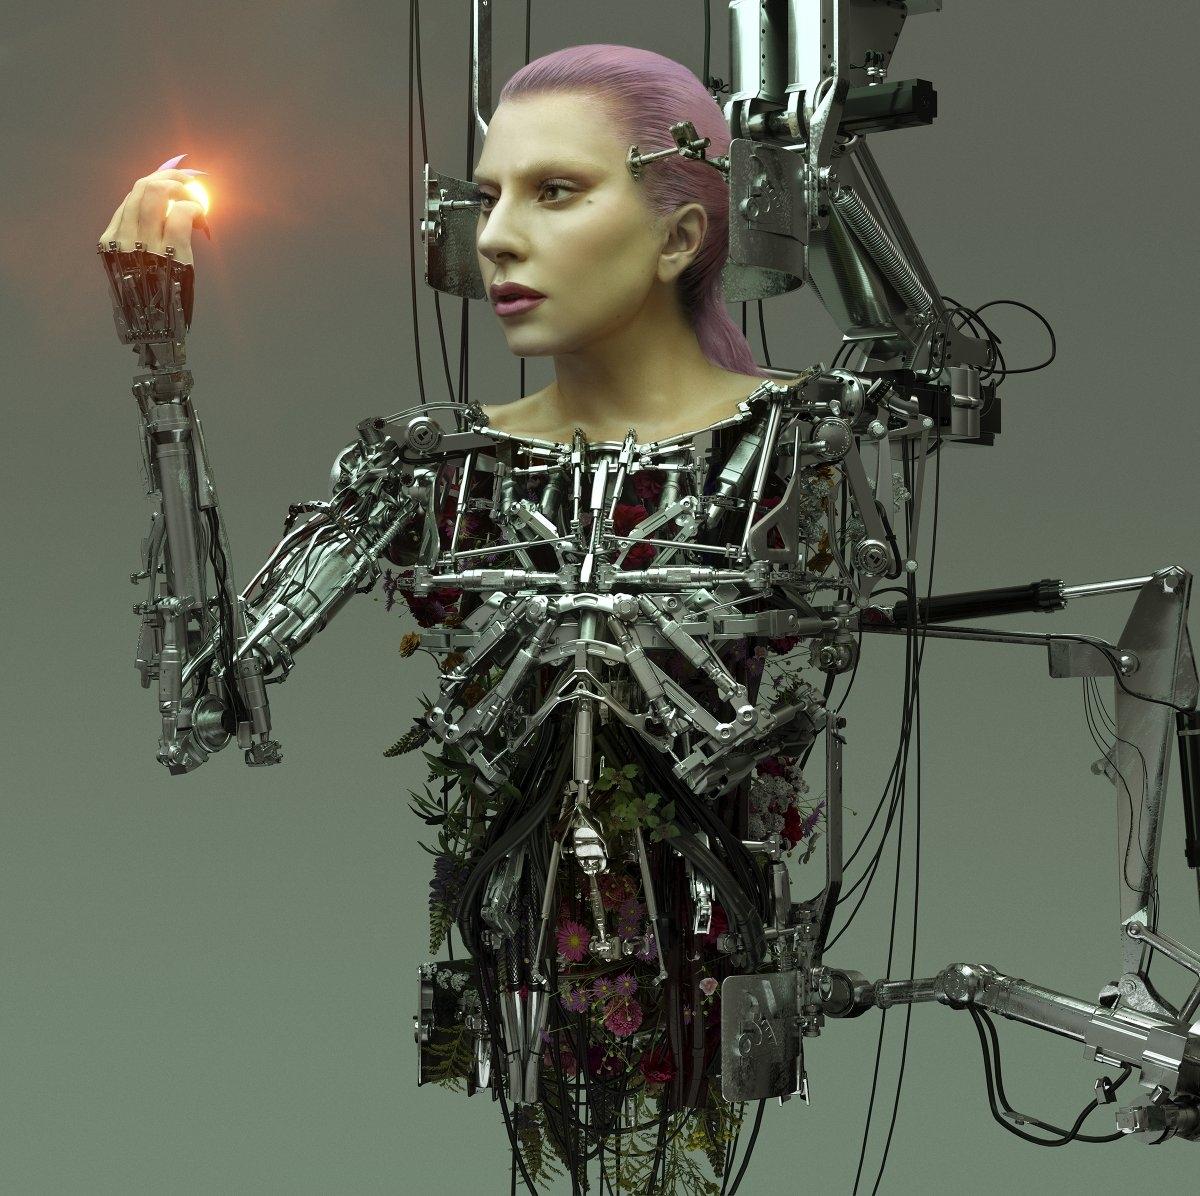 Обнаженная Леди Гага в эпатажной фотосессии для Paper (ФОТО) - фото №3